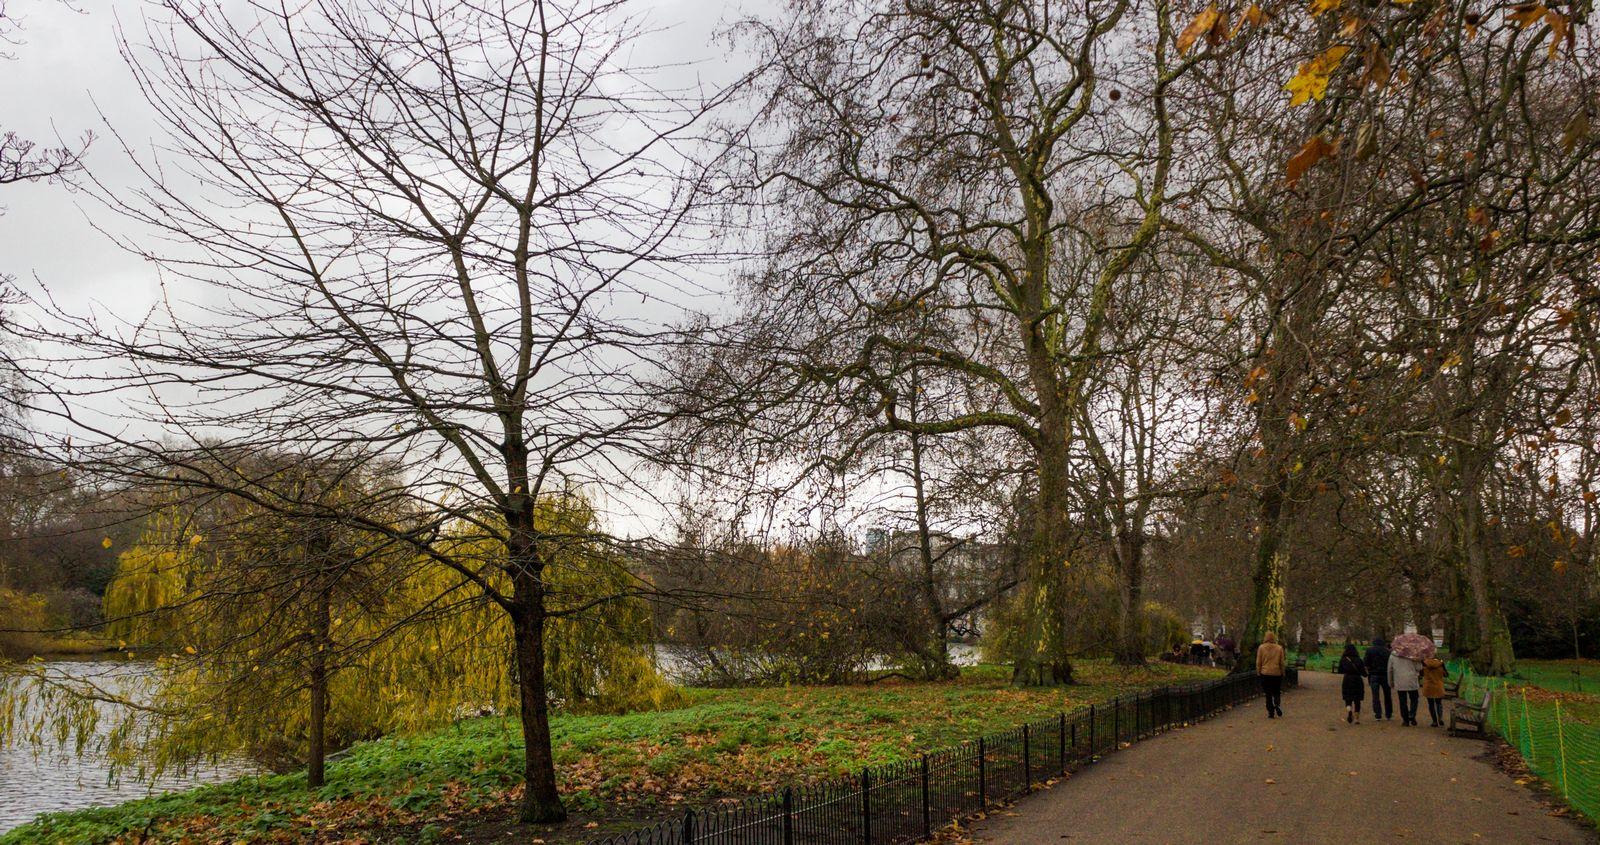 Un pequeño respiro verde entre el cemento de Londres